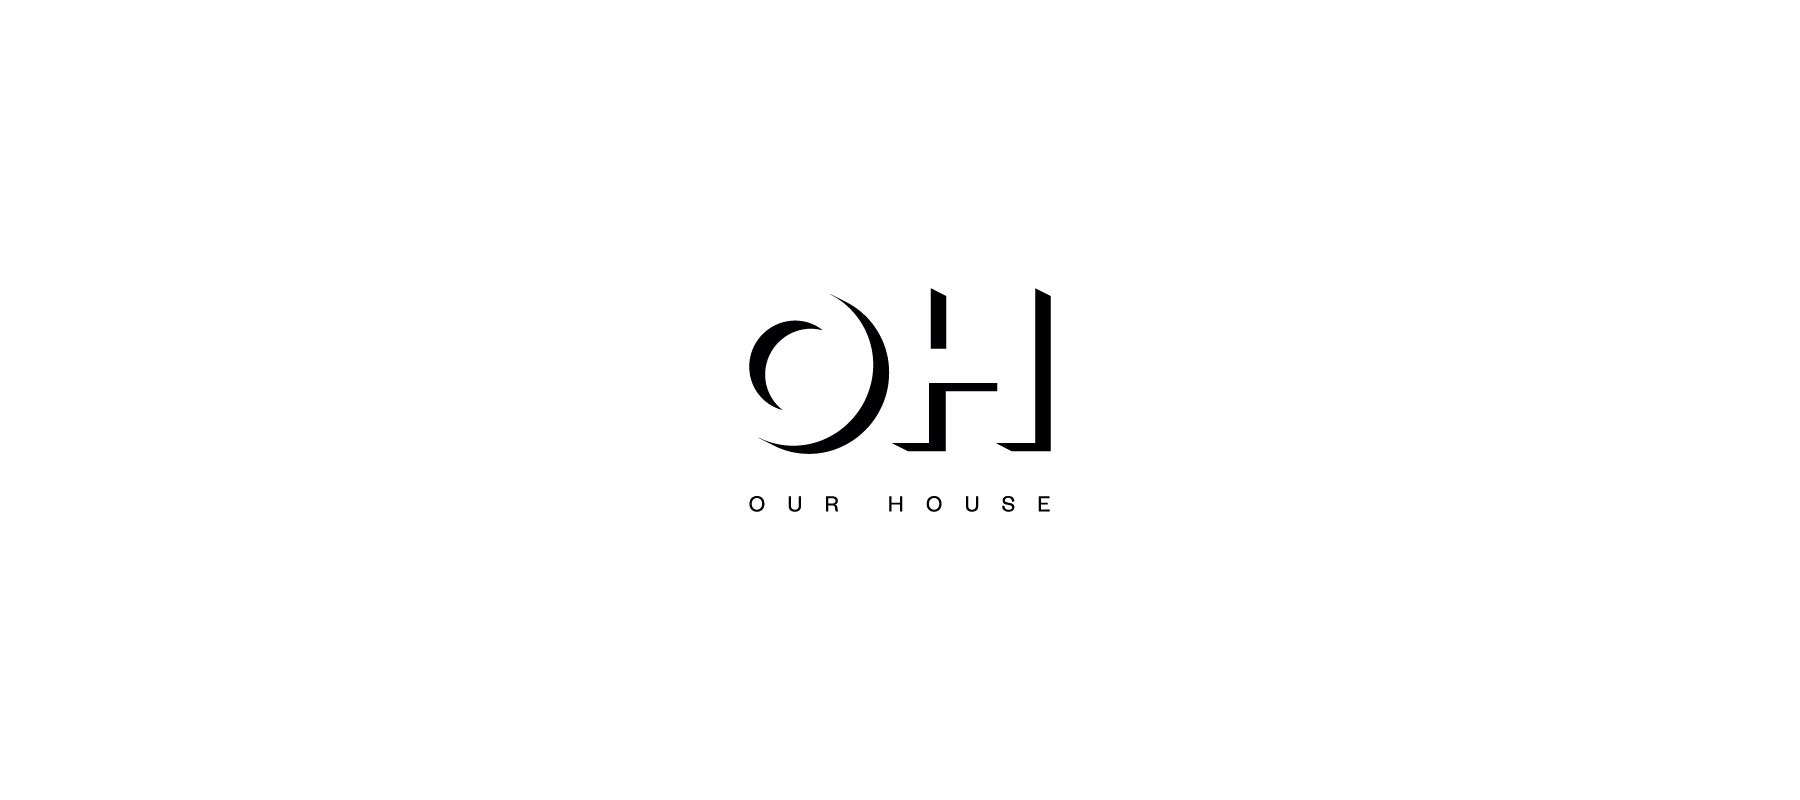 perks.design_oh_logo2.png